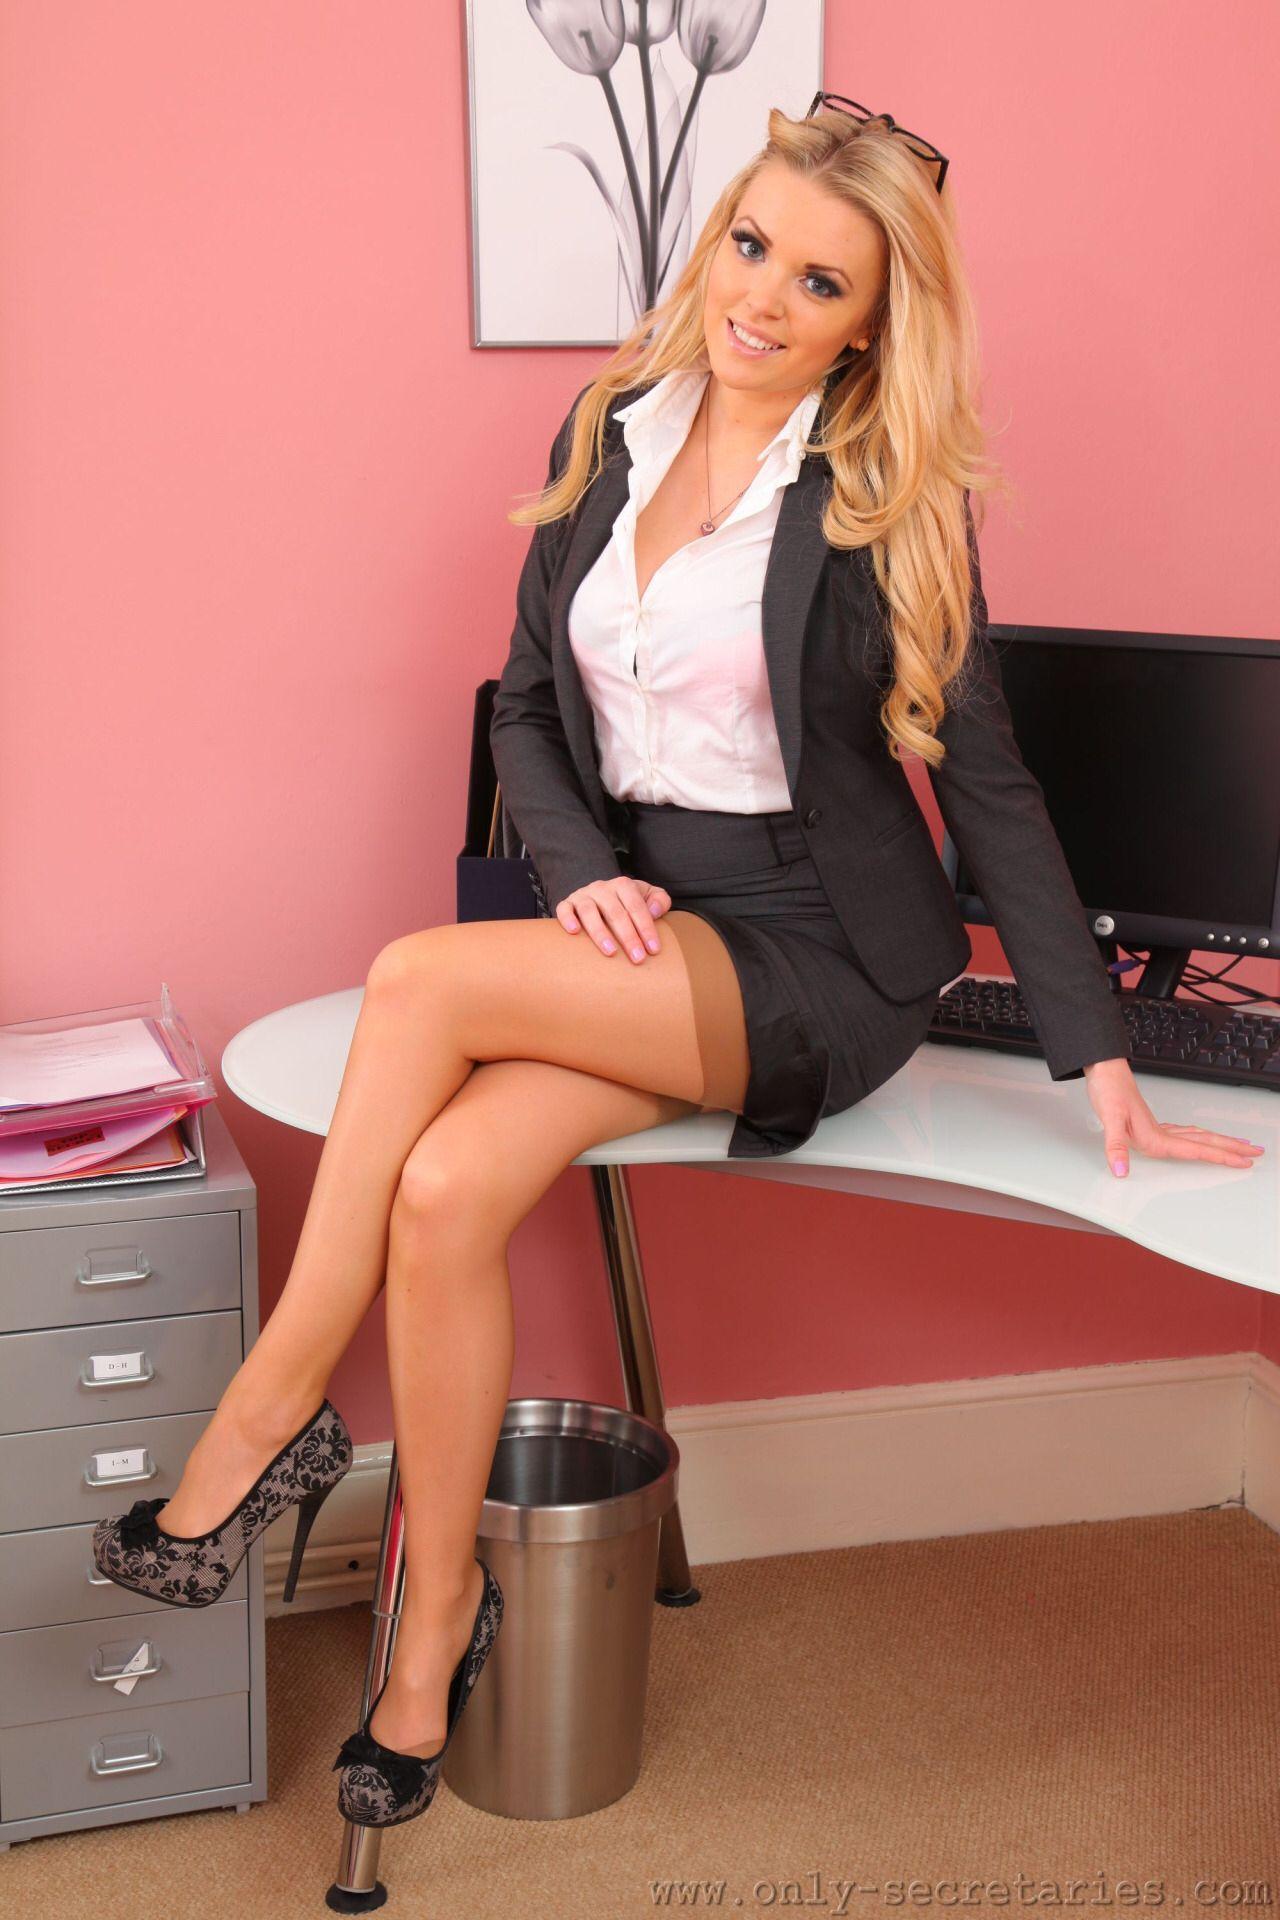 Hot sex job pic